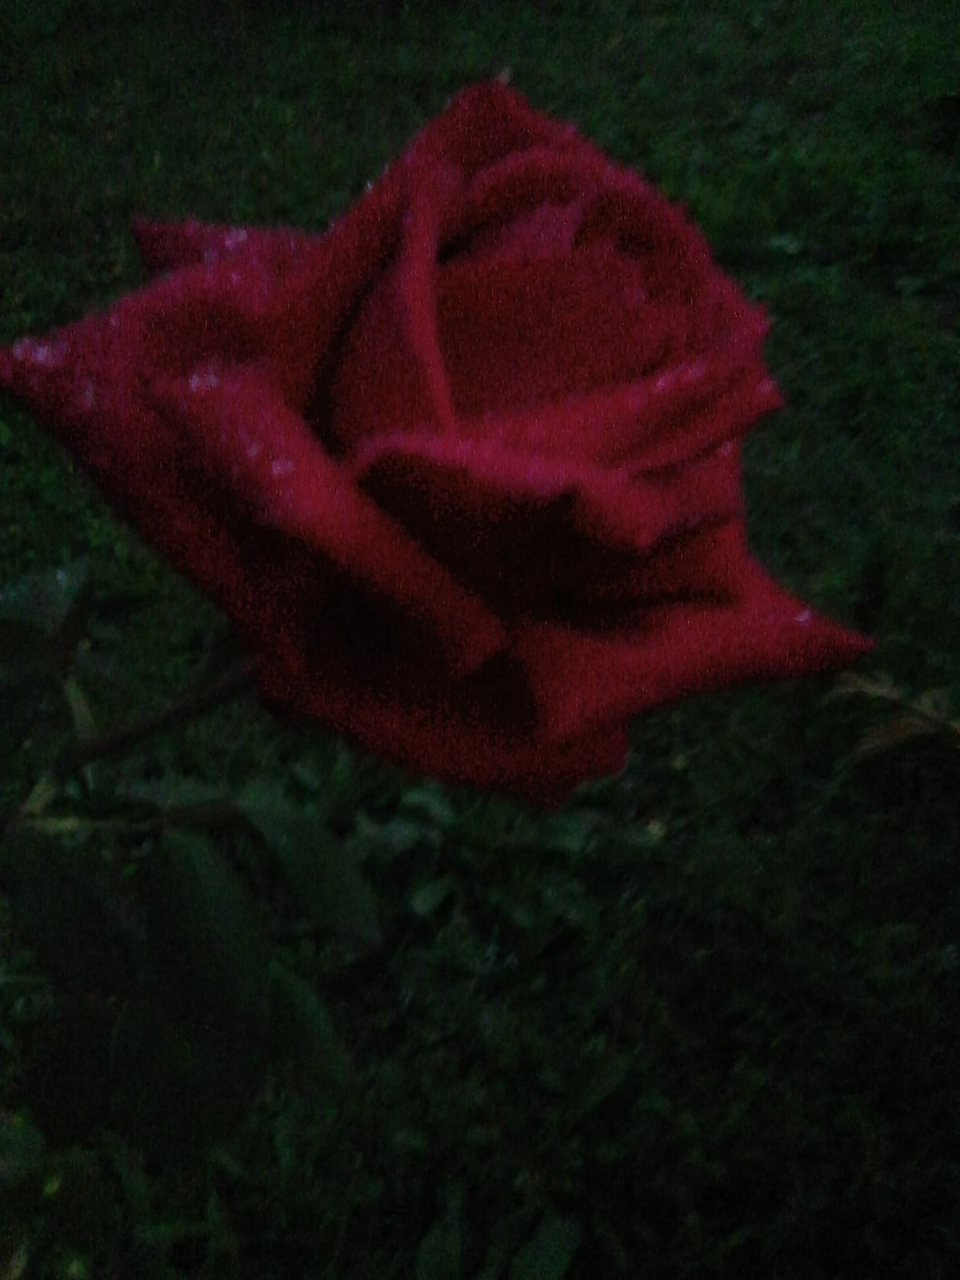 https://i2.wp.com/lucedeitarocchi.com/wp-content/uploads/2019/12/luce-dei-tarocchi-amore-magia-rito-riti-cuore-esoterica-innamorare-nodi-bambola-medium-scopo-sofferenza-aiuto-tradisce-incantesimo-legamento.jpg?resize=960%2C1280&ssl=1